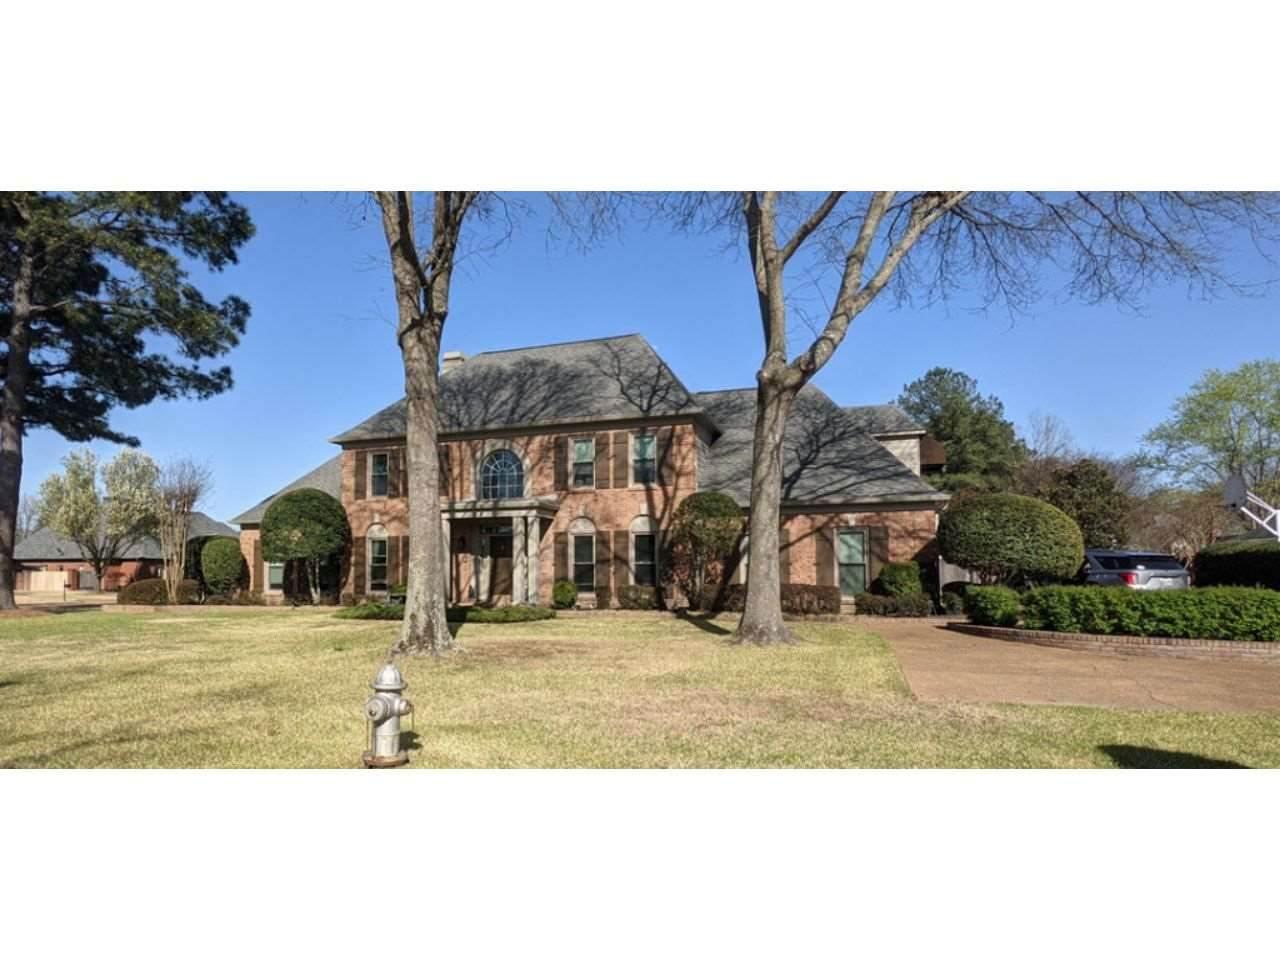 9541 Dogwood Estates Dr - Photo 1